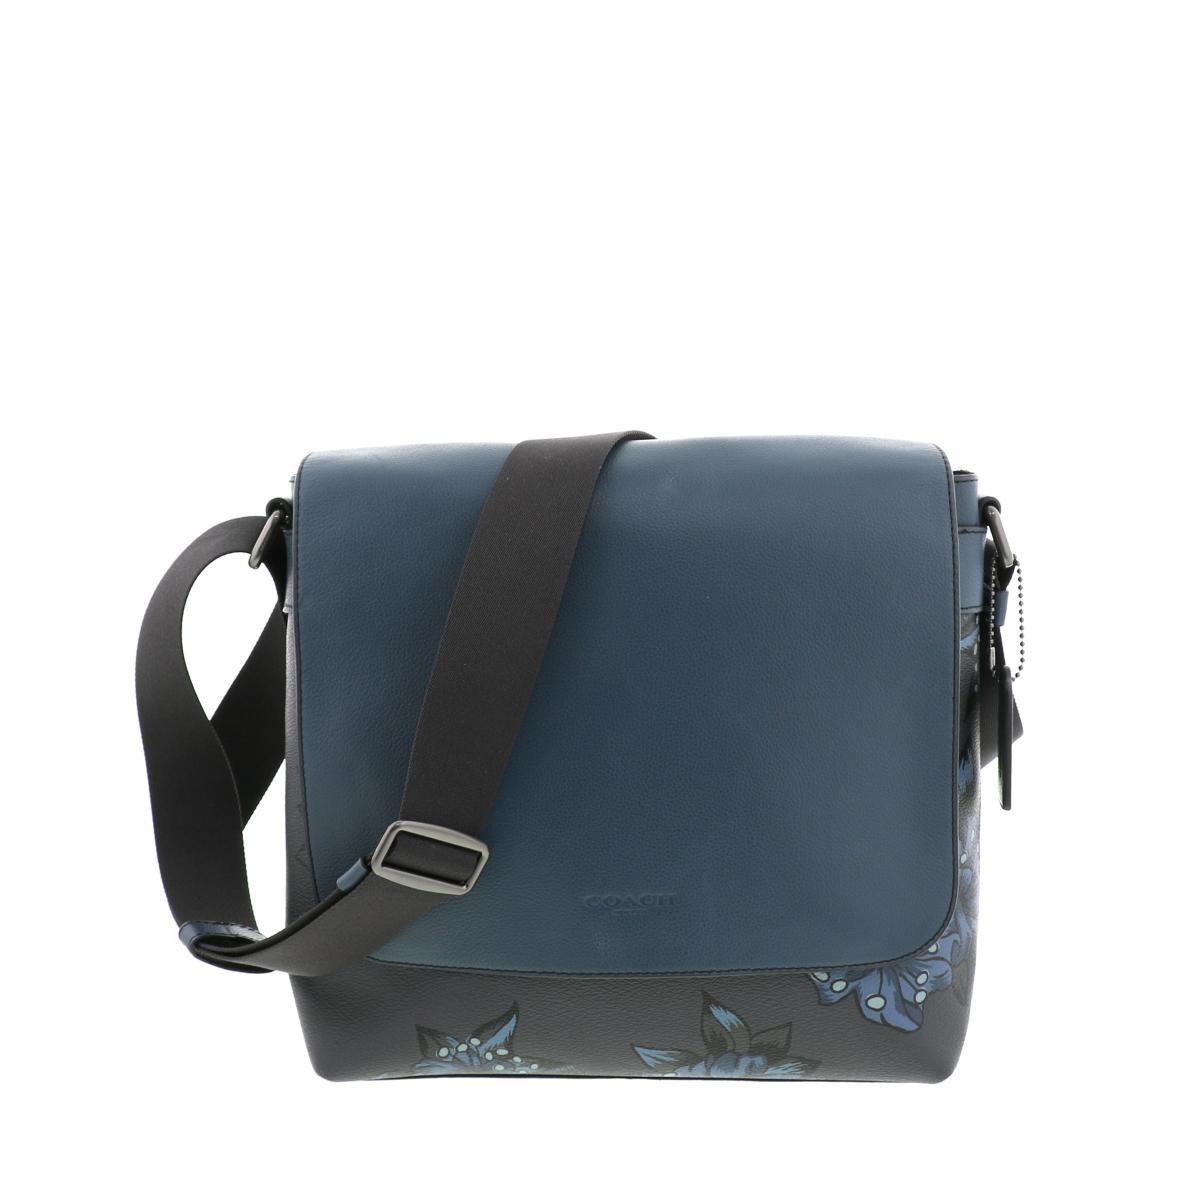 【中古】COACH (コーチ) ハワイアン プリント クロスボディ バッグ ショルダー/メッセンジャーバッグ  Blue F29026 used:A